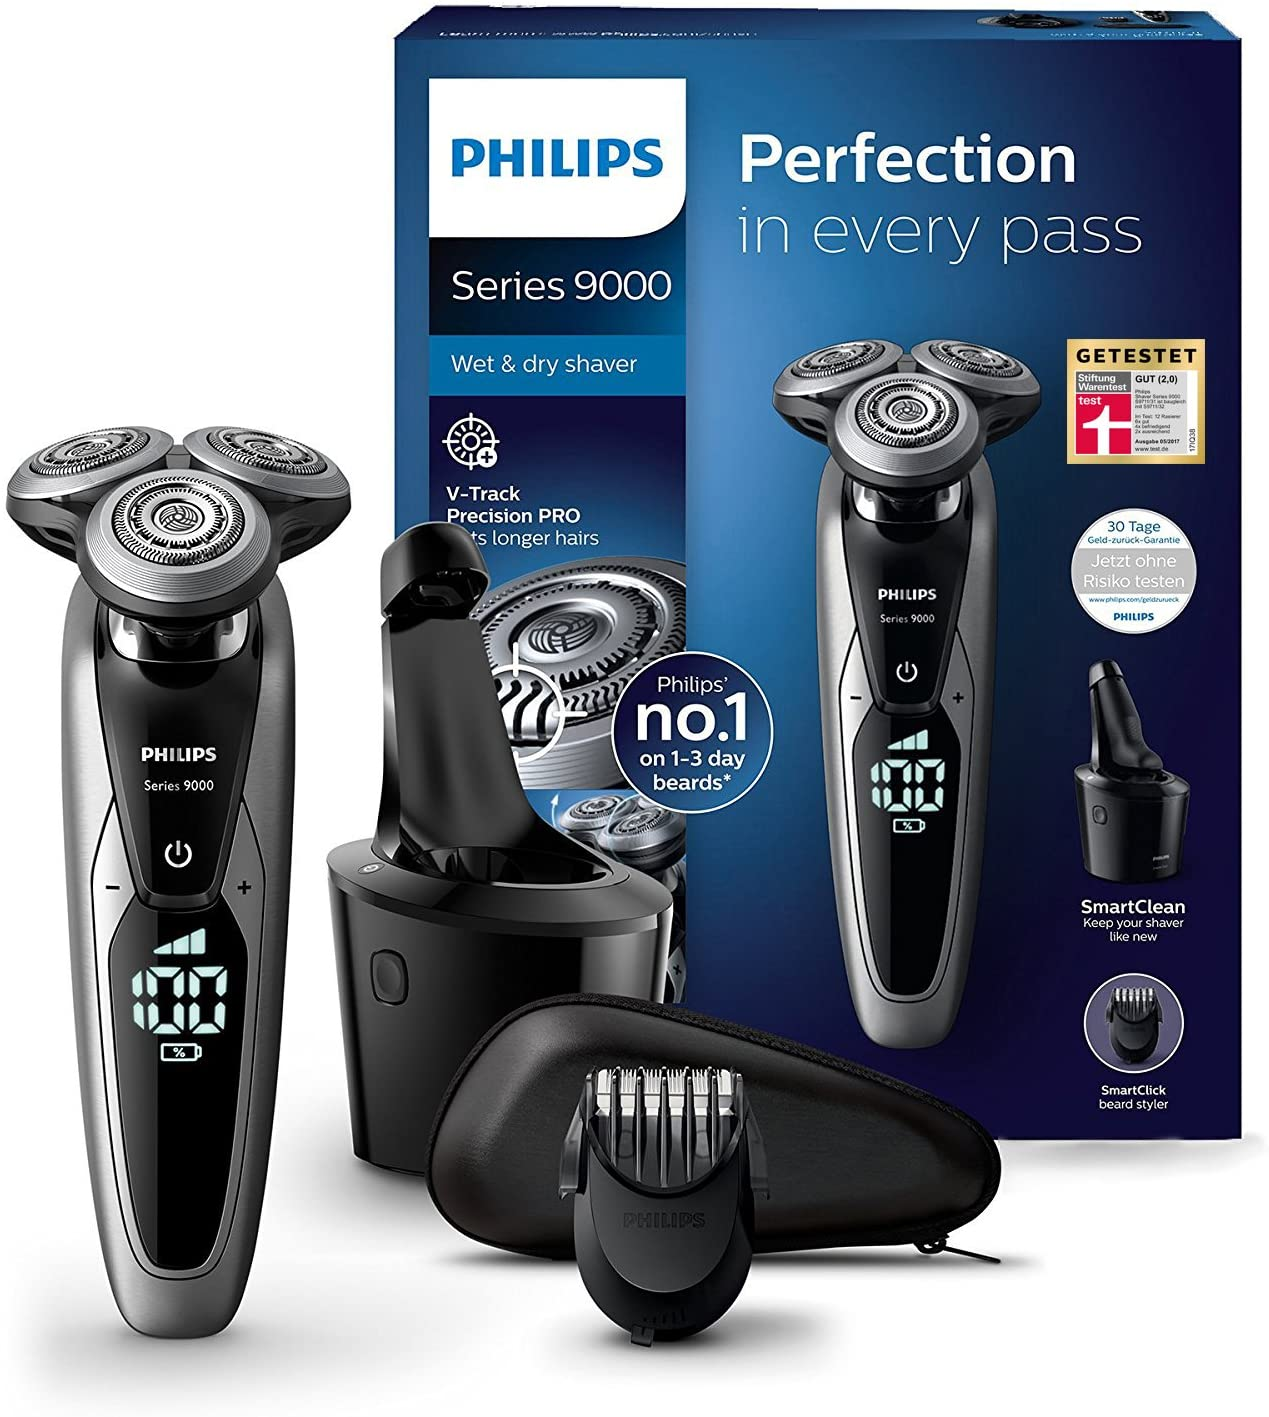 Philips Series 9000 Herrenrasierer Vergleich Test